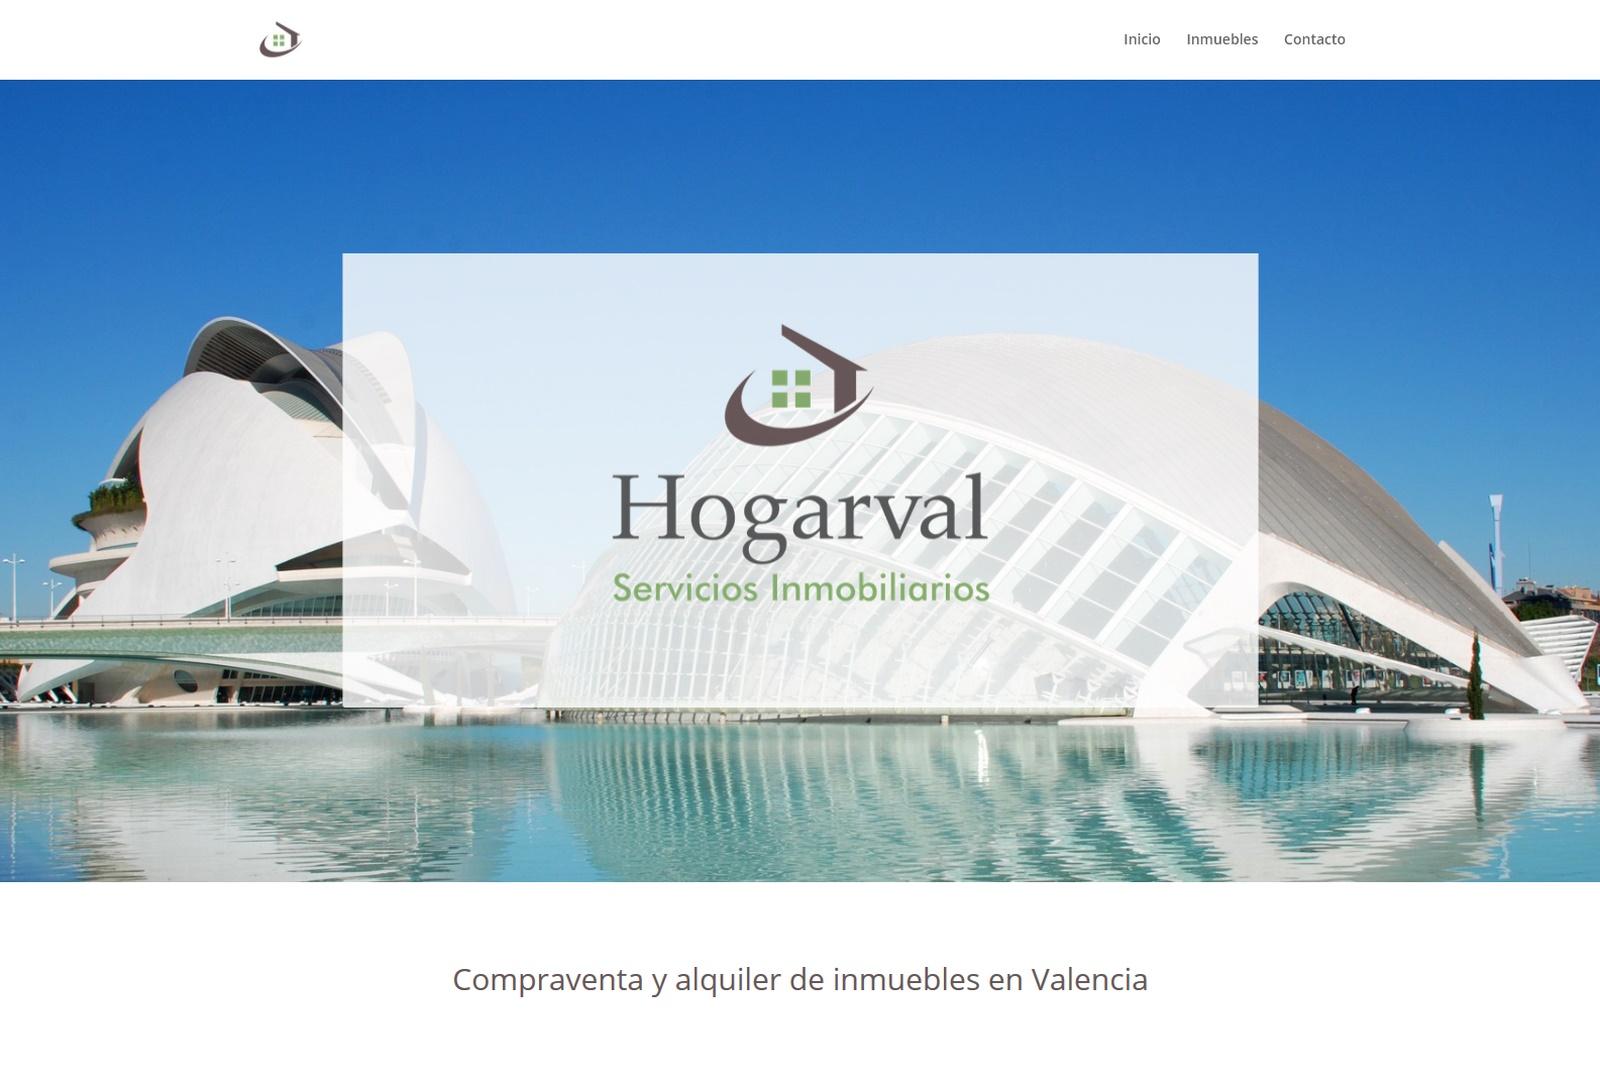 hogarval.com/